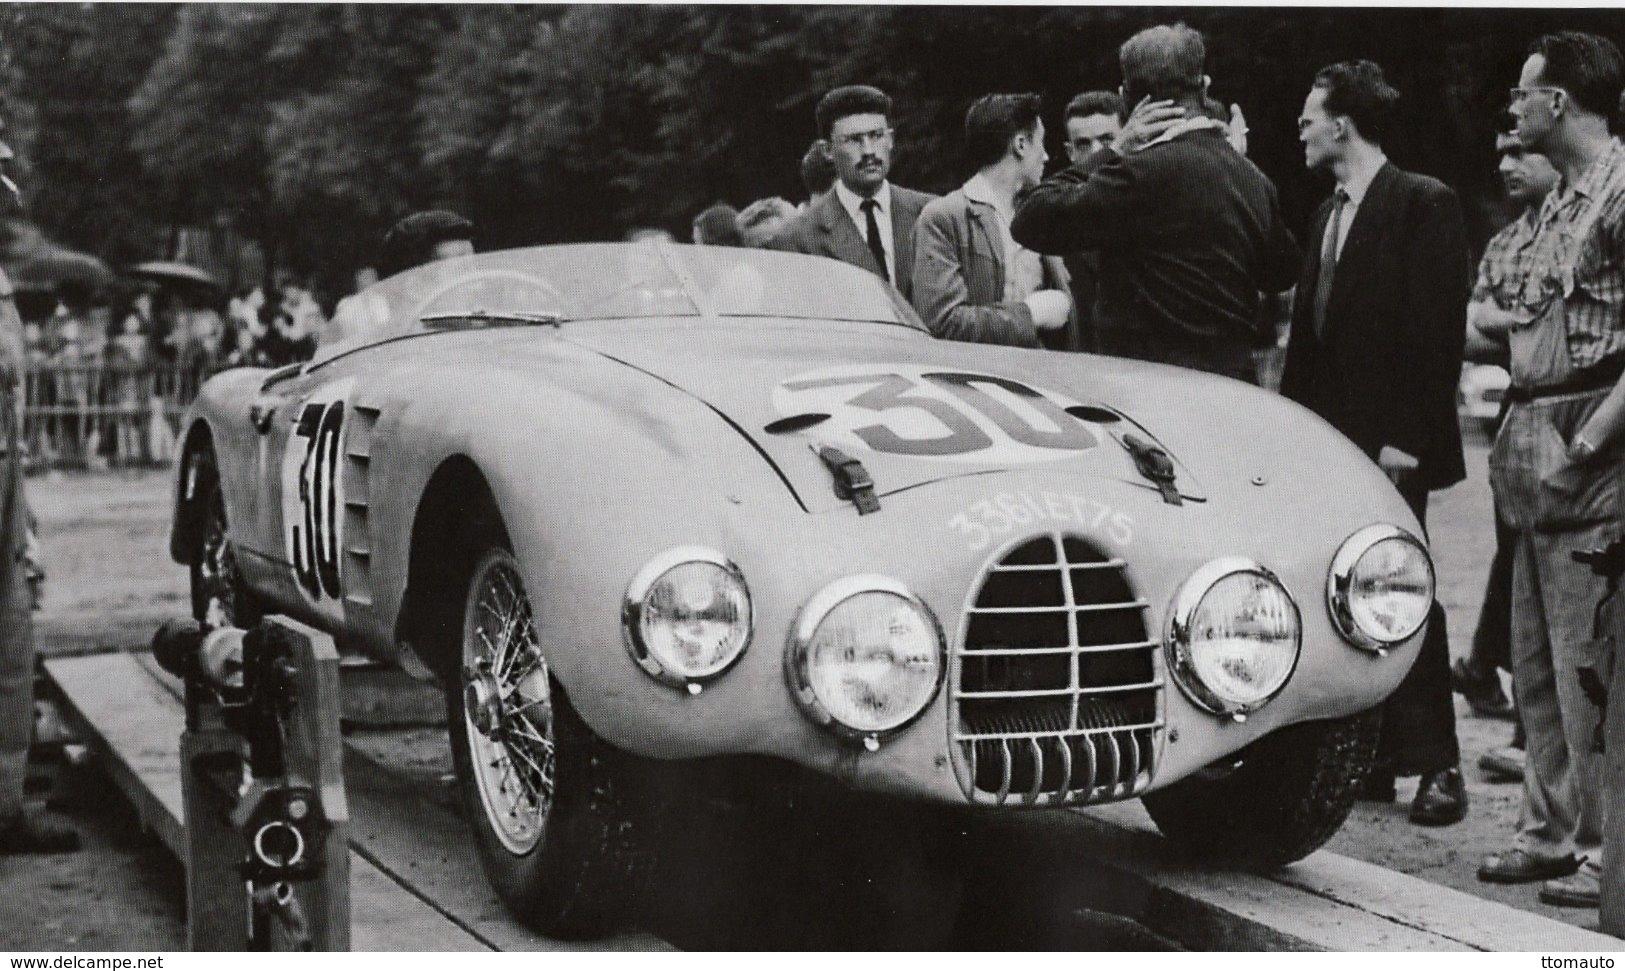 Gordini T15S - Pilotes: Charles Rinen/Robert Lacaze  (Concurrents Francaises Du Mans 1957) - PHOTO 15x10cms - Le Mans